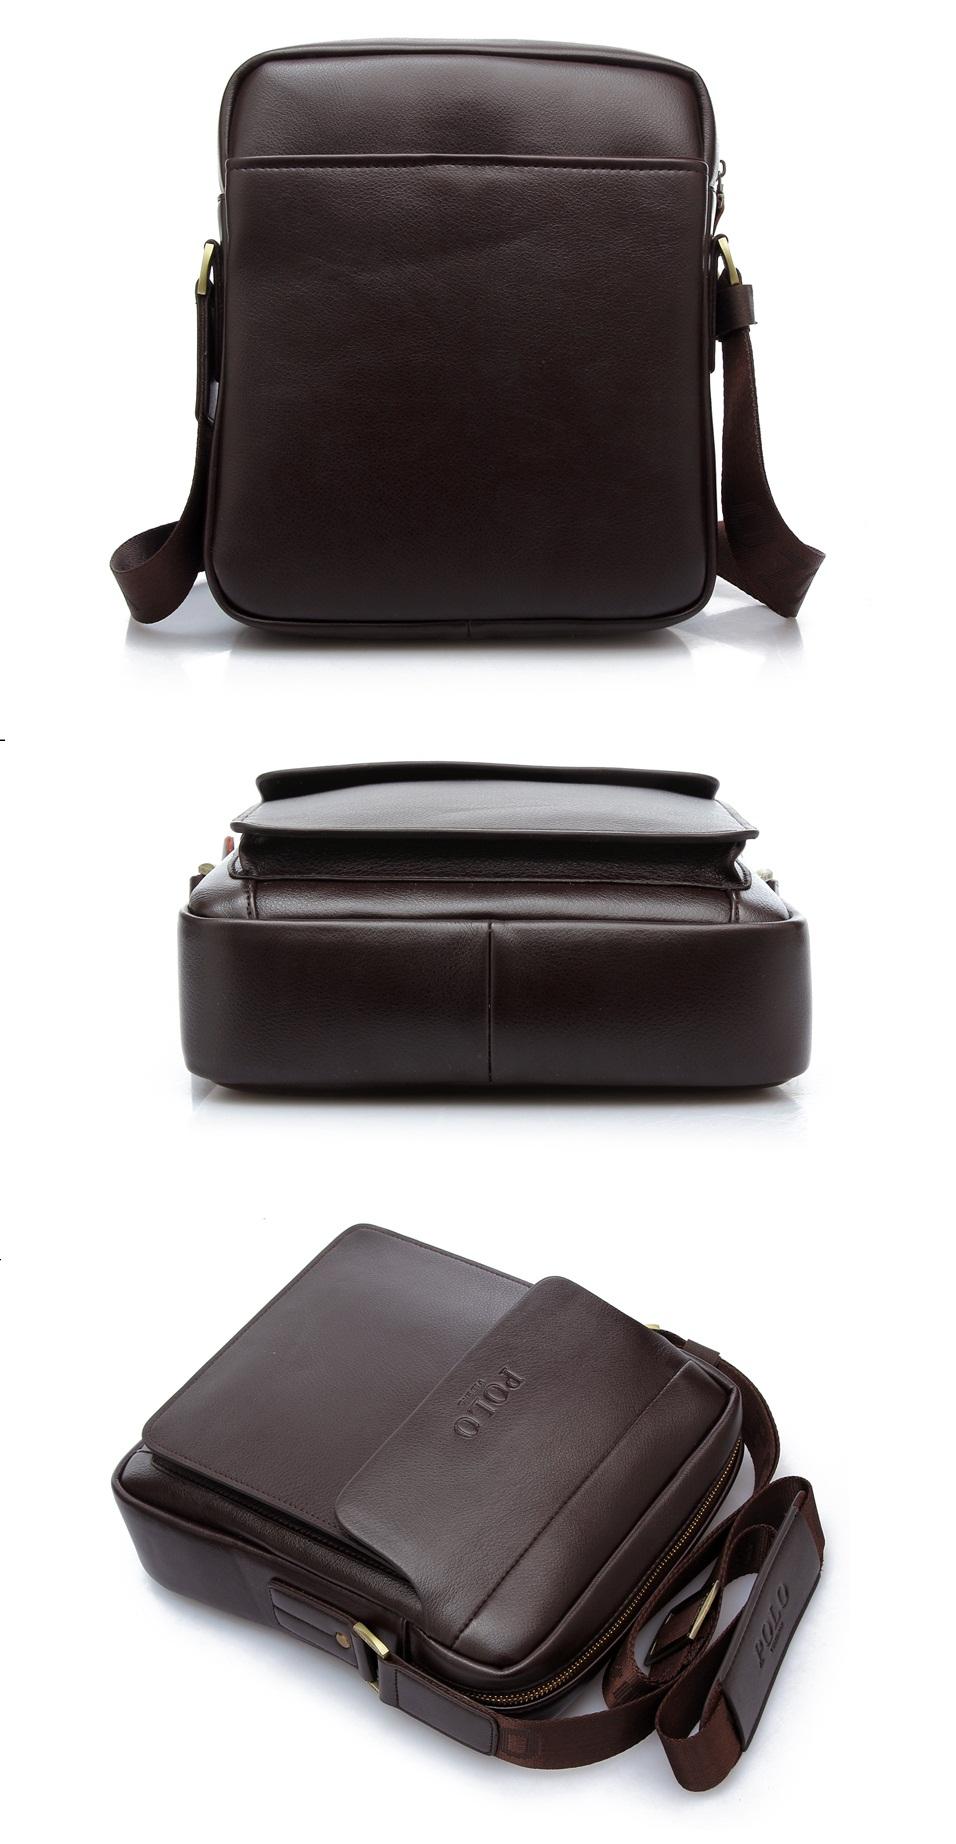 Túi đựng ipad Polo PL 05 khuyến mại giảm giá tới 45%